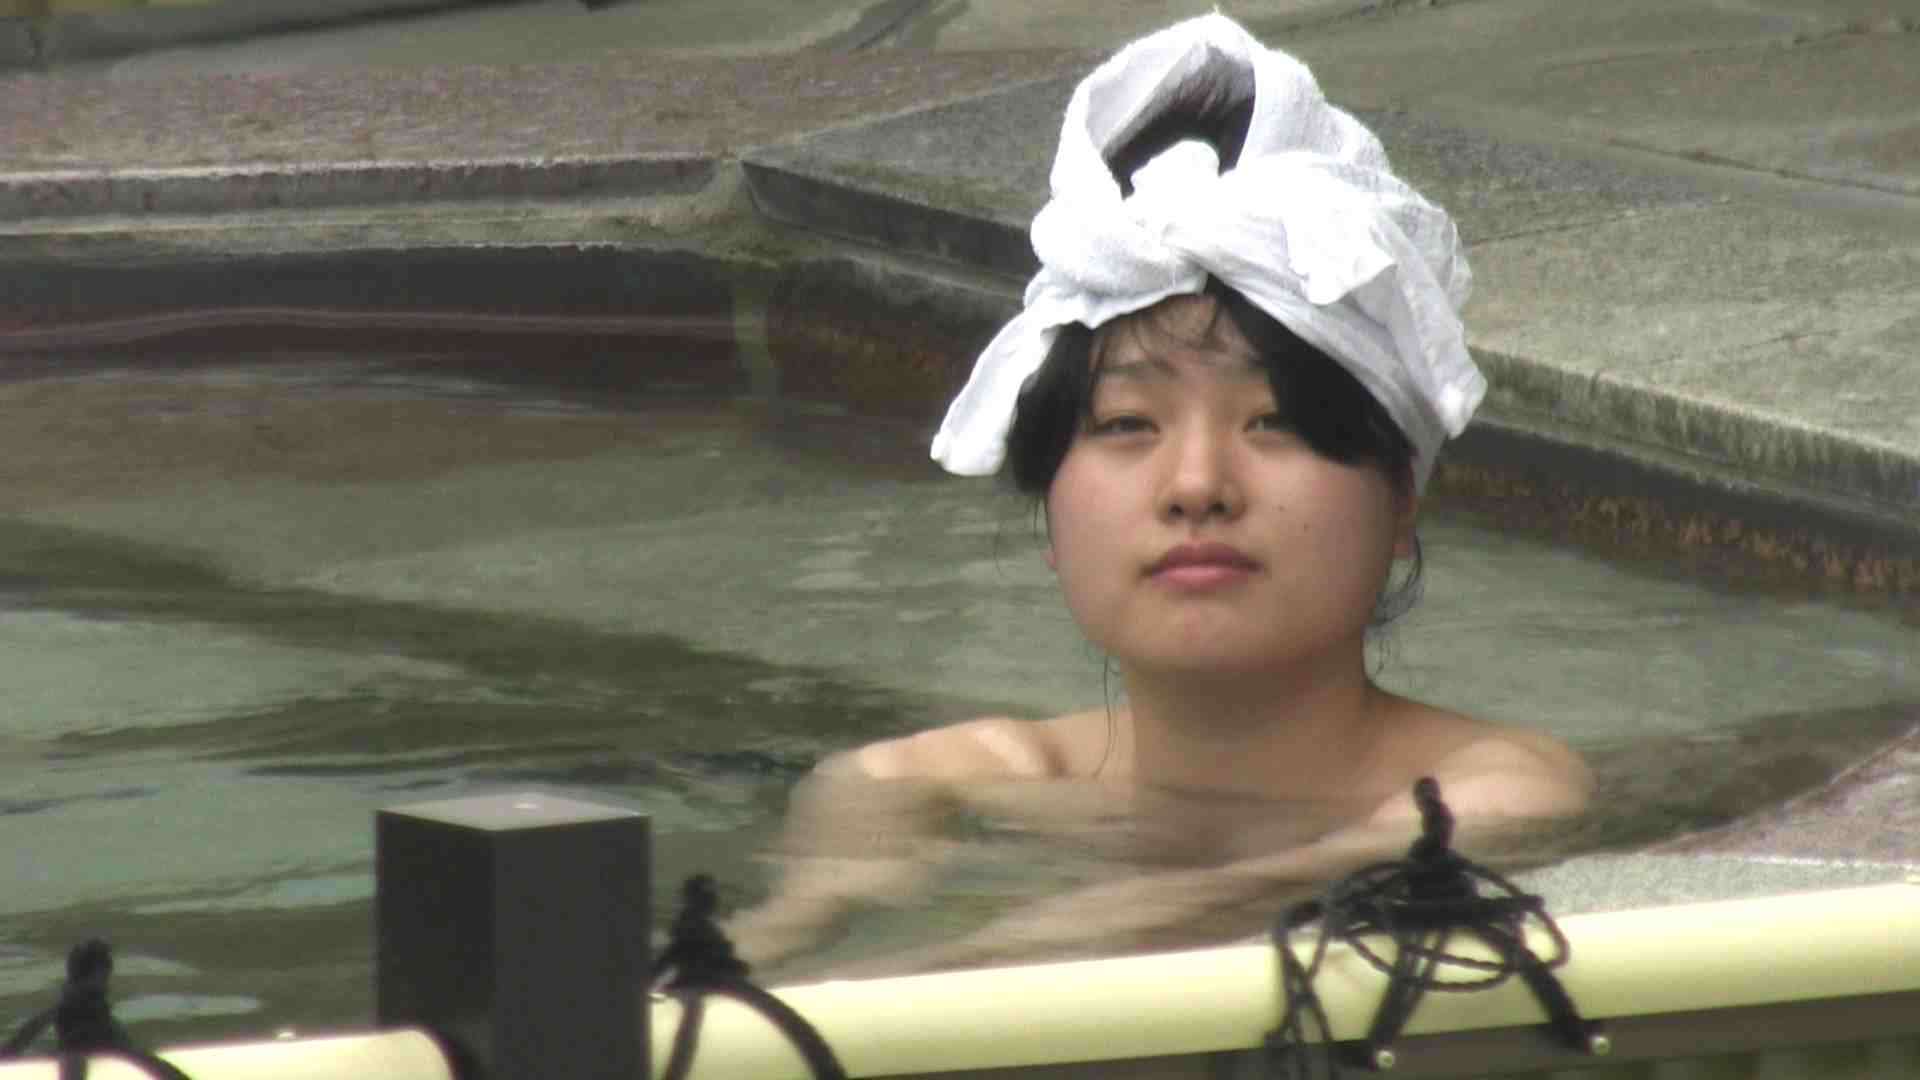 Aquaな露天風呂Vol.185 OLのエロ生活  31連発 12